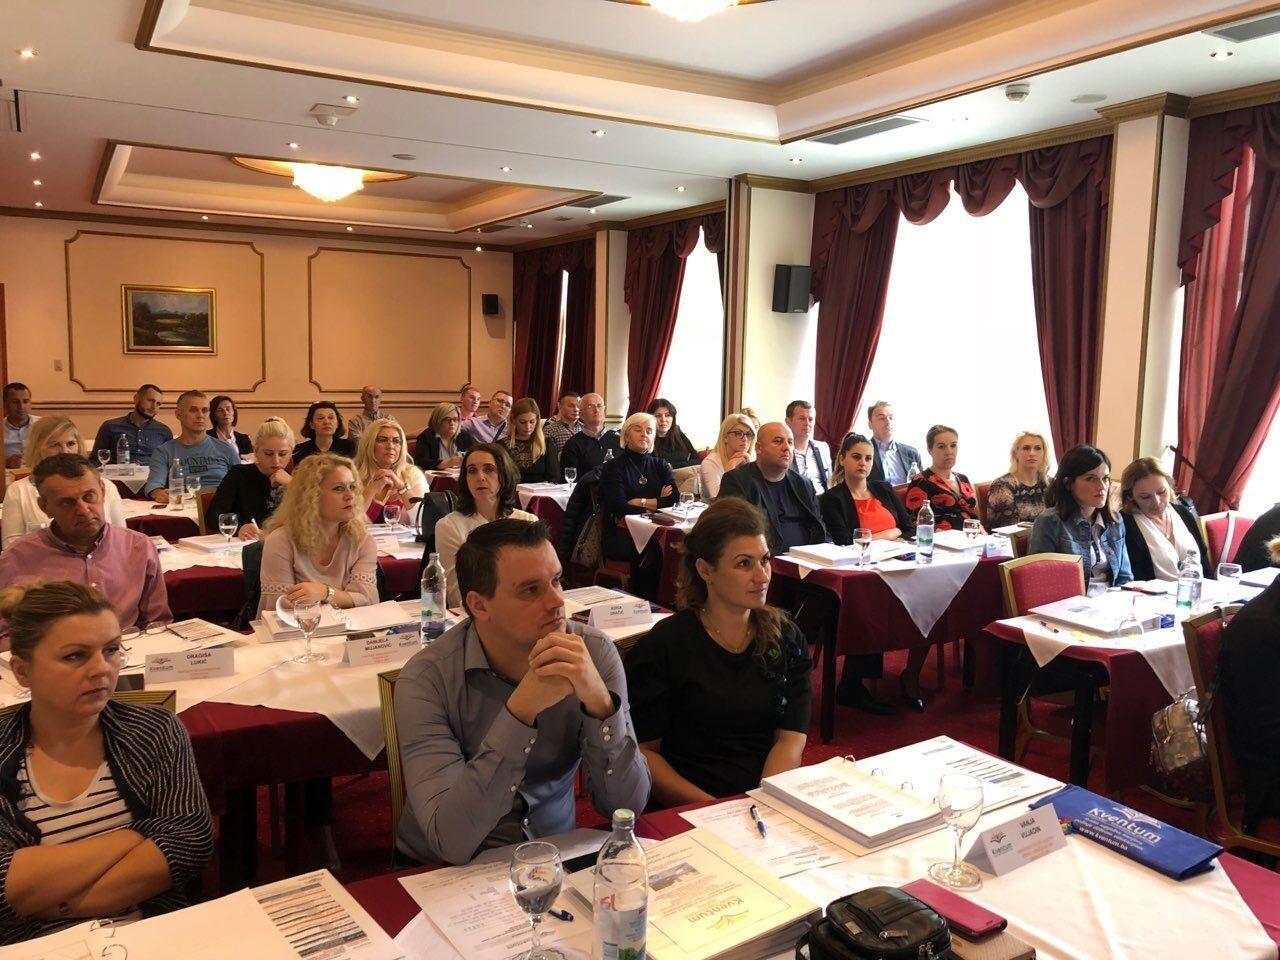 Kventum uspješno realizovao trodnevni seminar iz javnih nabavki